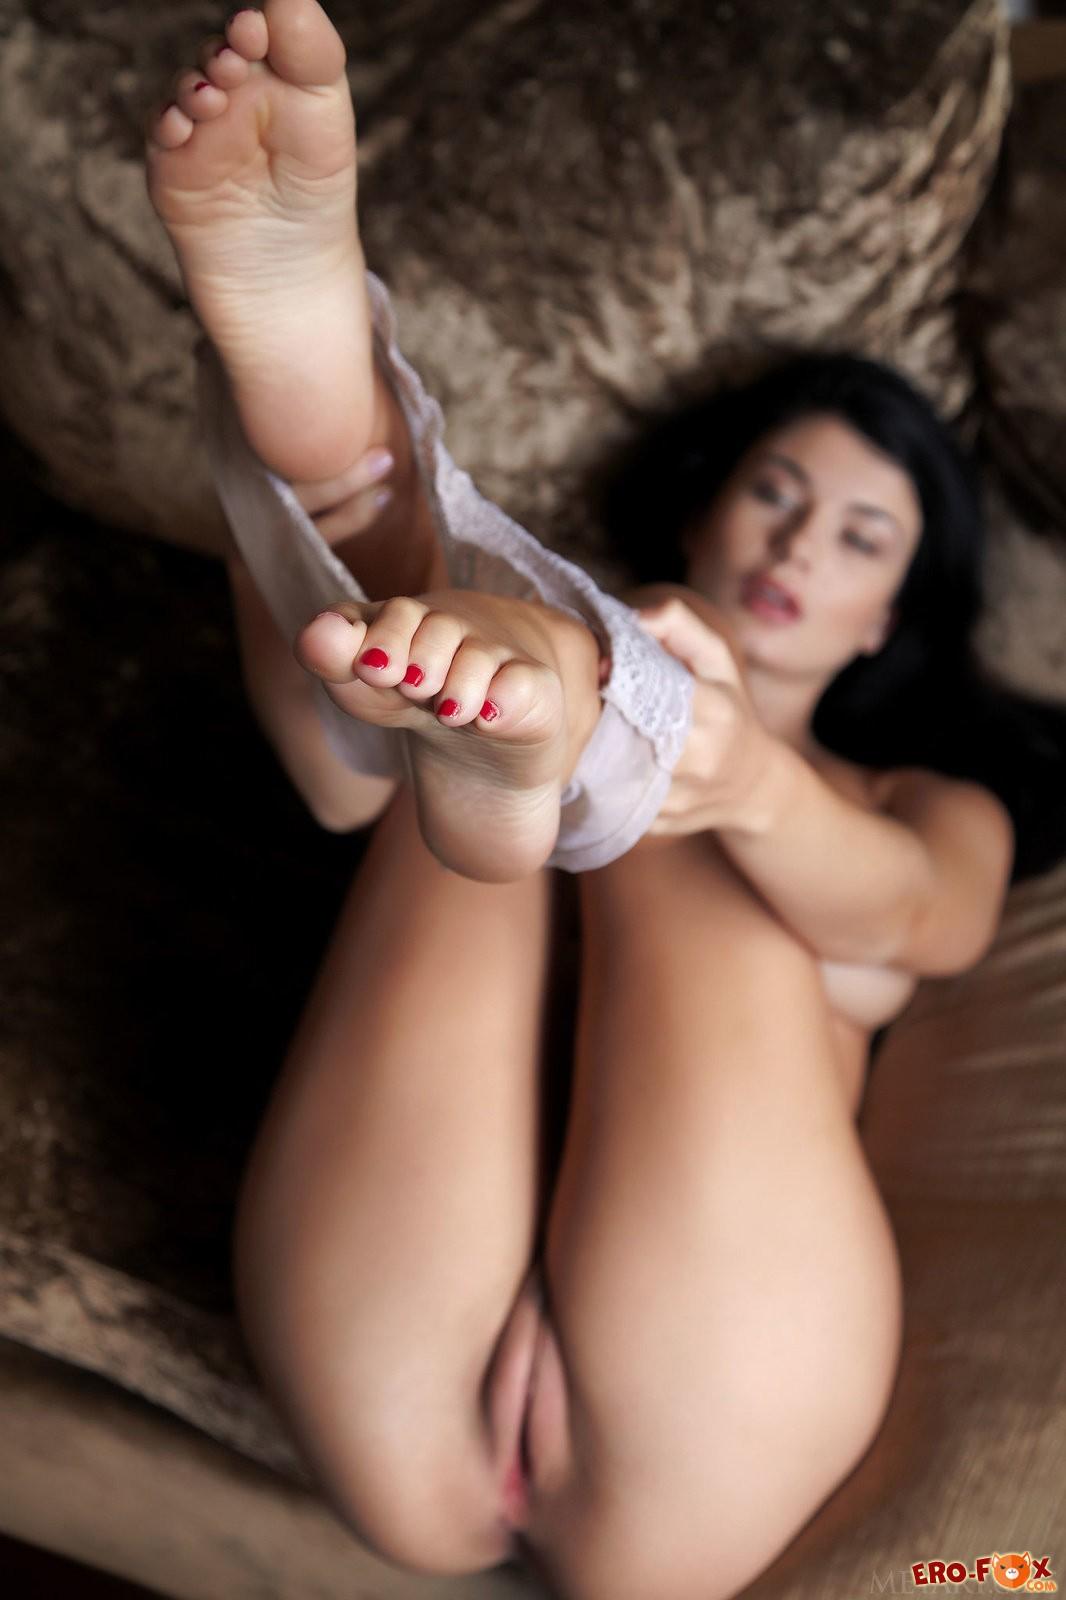 Грудастая брюнетка с красивой киской  голой.